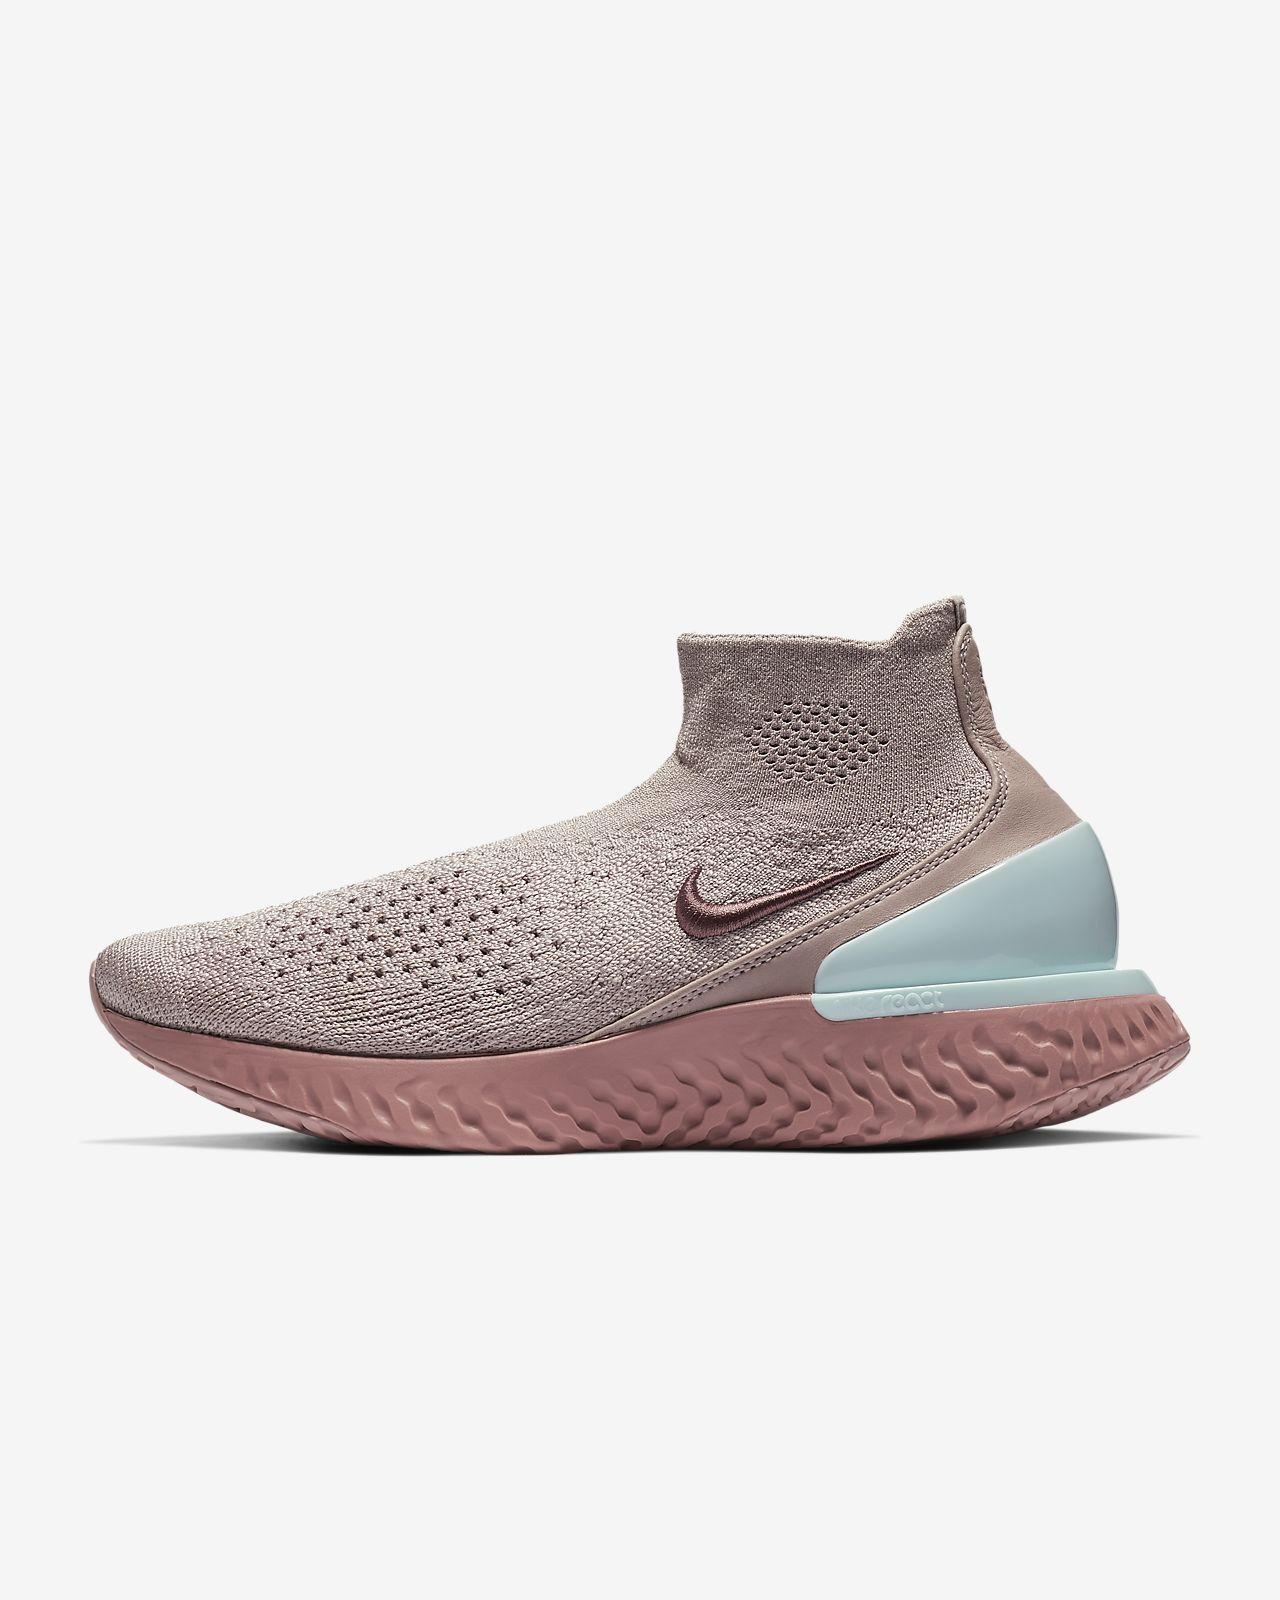 ebeed1faedd1 Nike Rise React Flyknit Women s Running Shoe. Nike.com HU